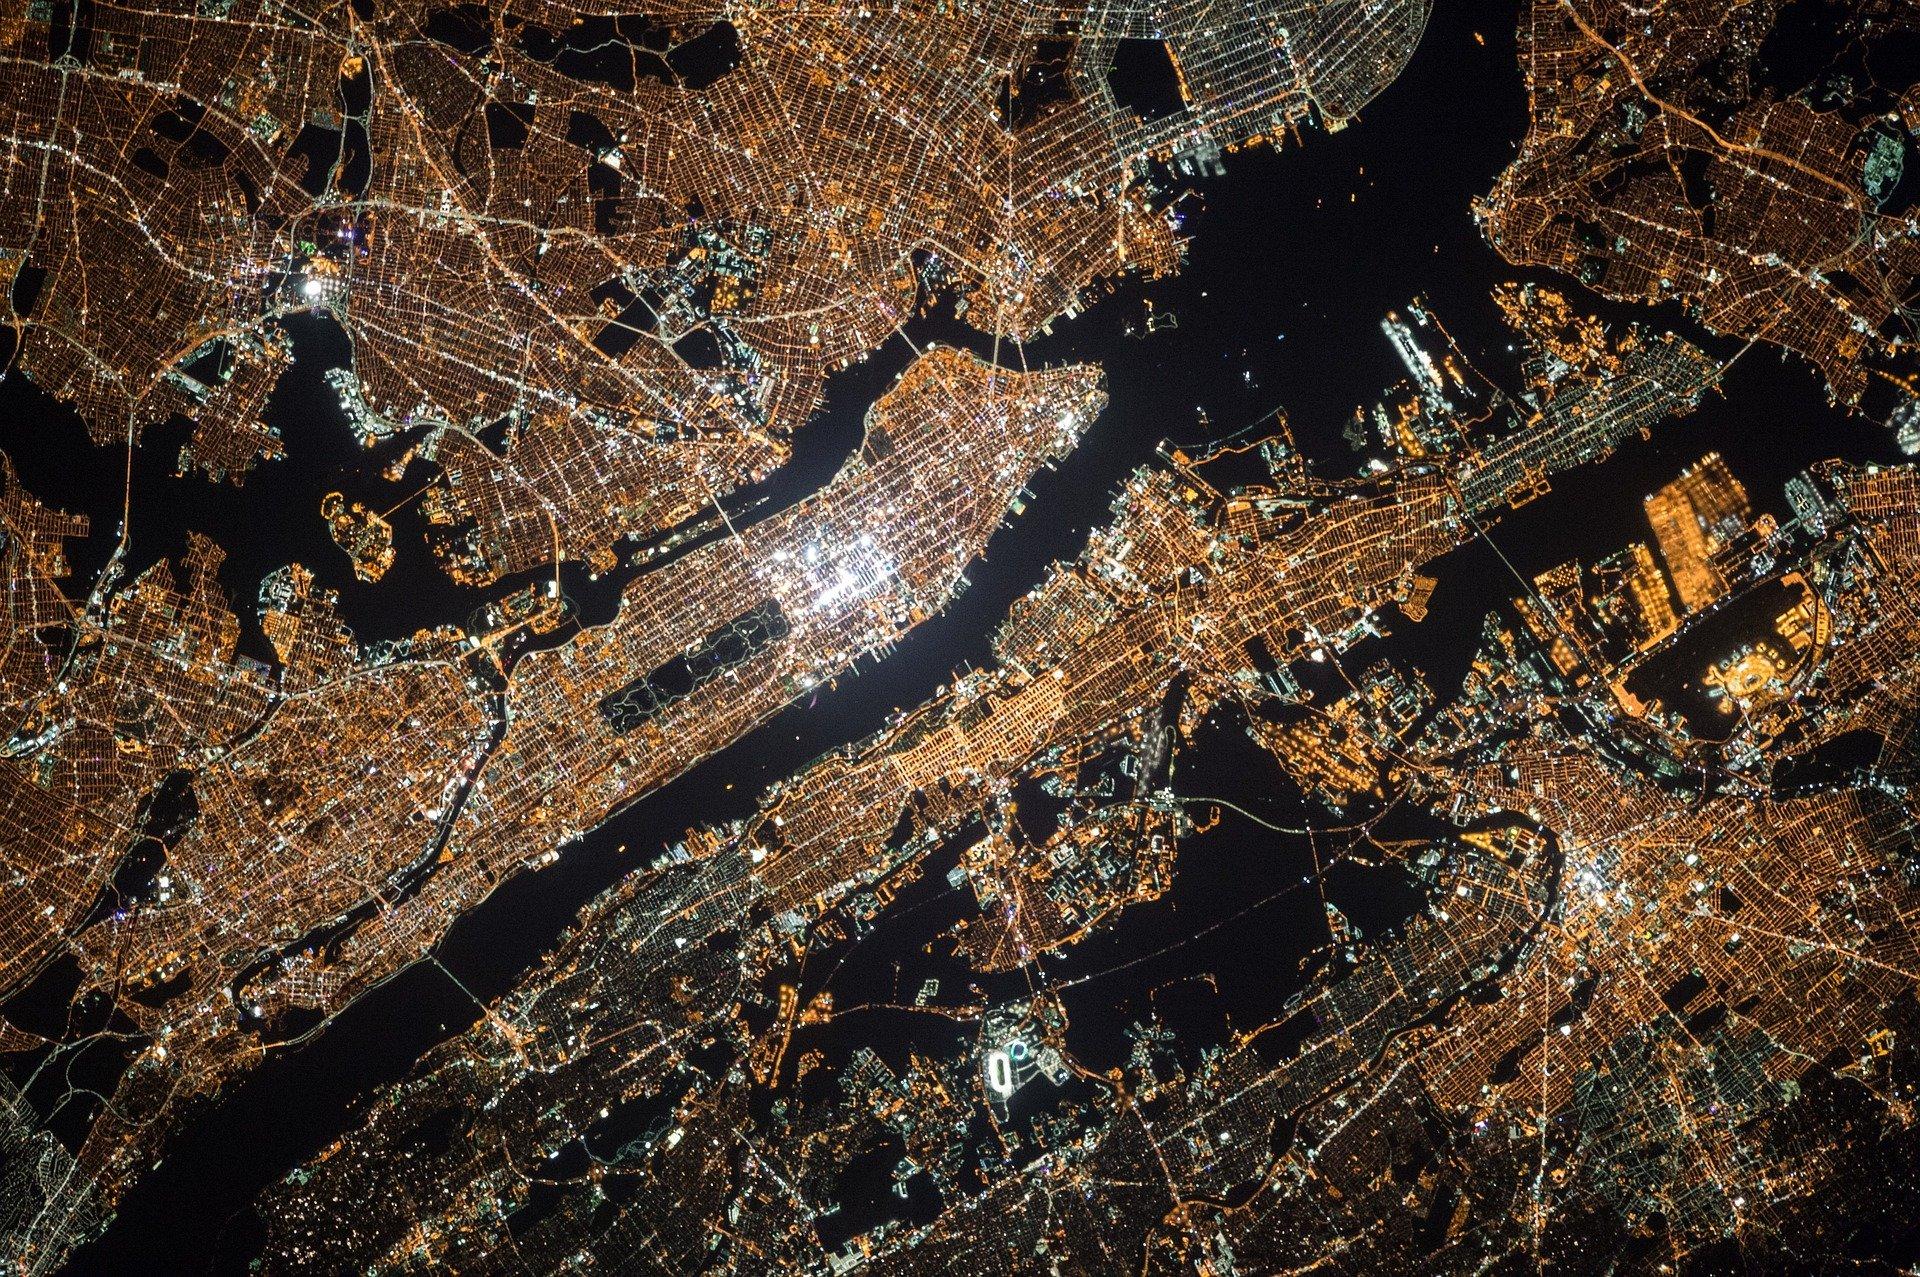 satellite-image-1030778_1920